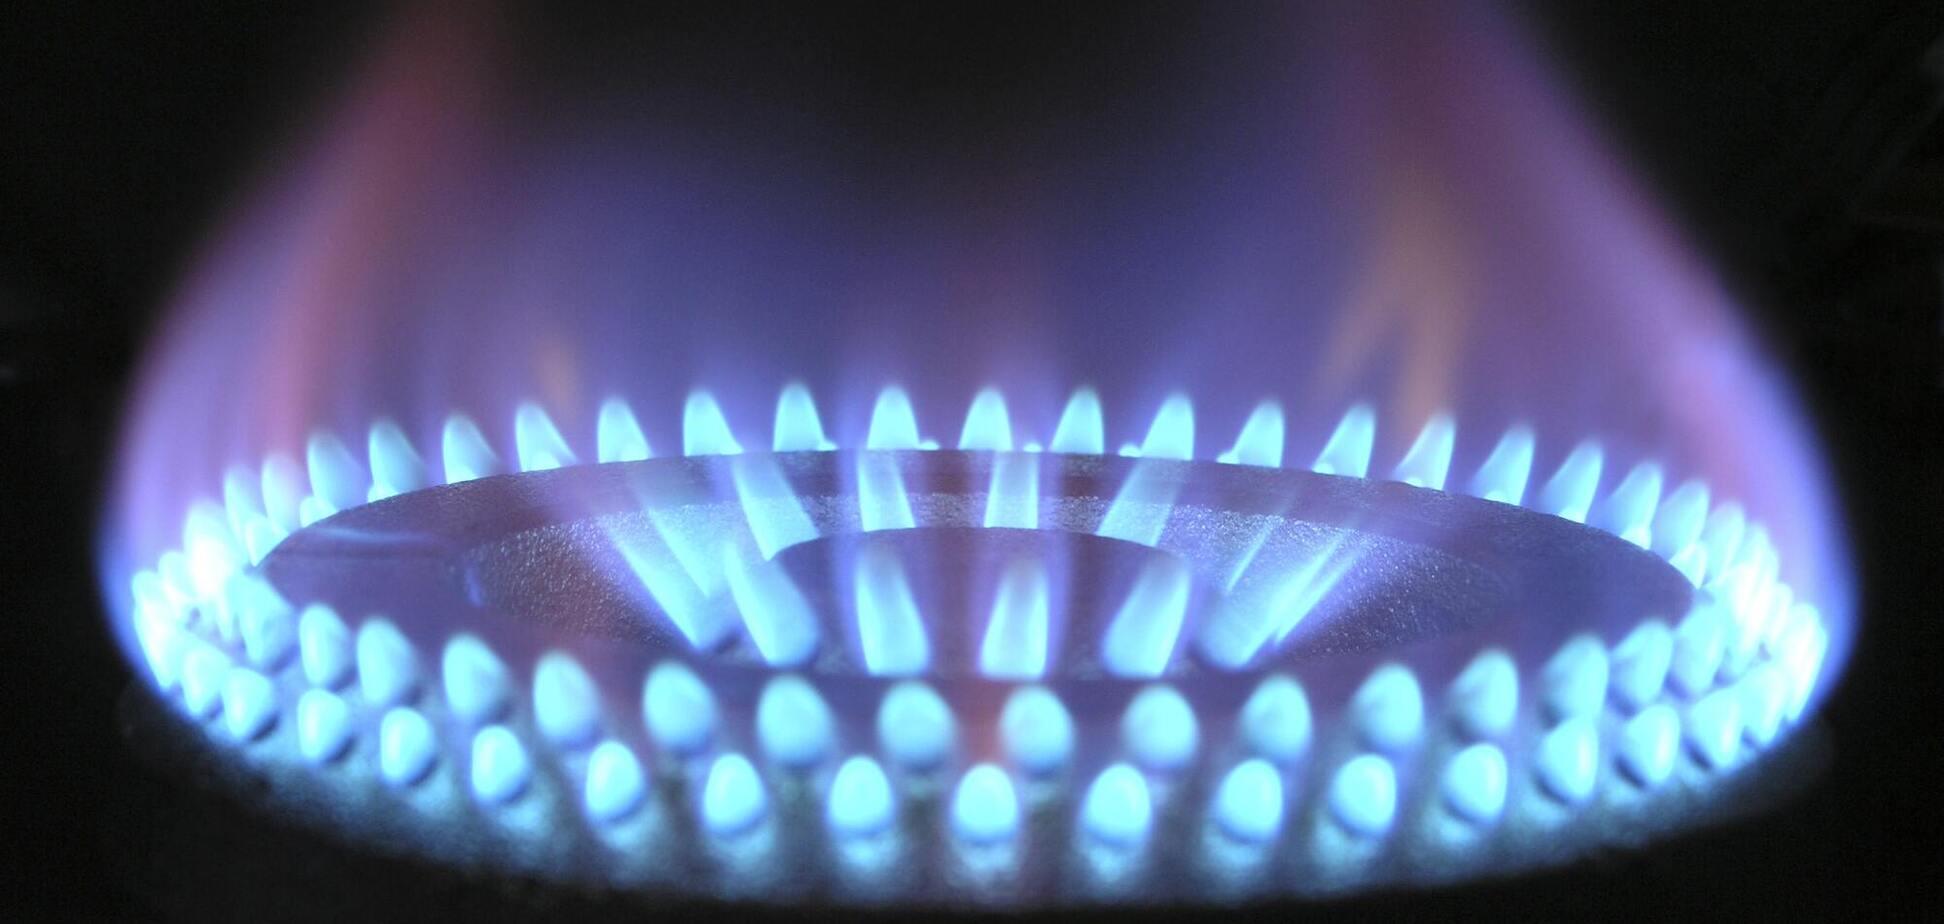 Если утечка не будет выявлена вовремя, концентрация газа может вырасти до опасного уровня